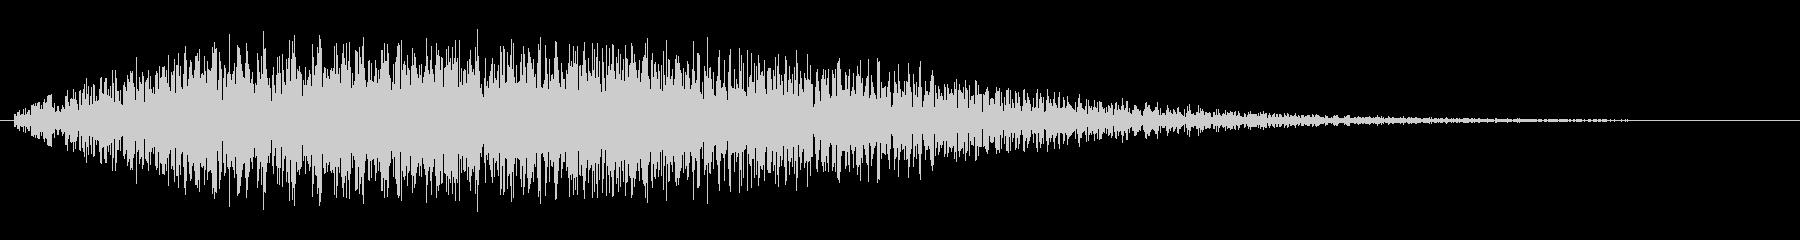 チャラララ(アップ)の未再生の波形